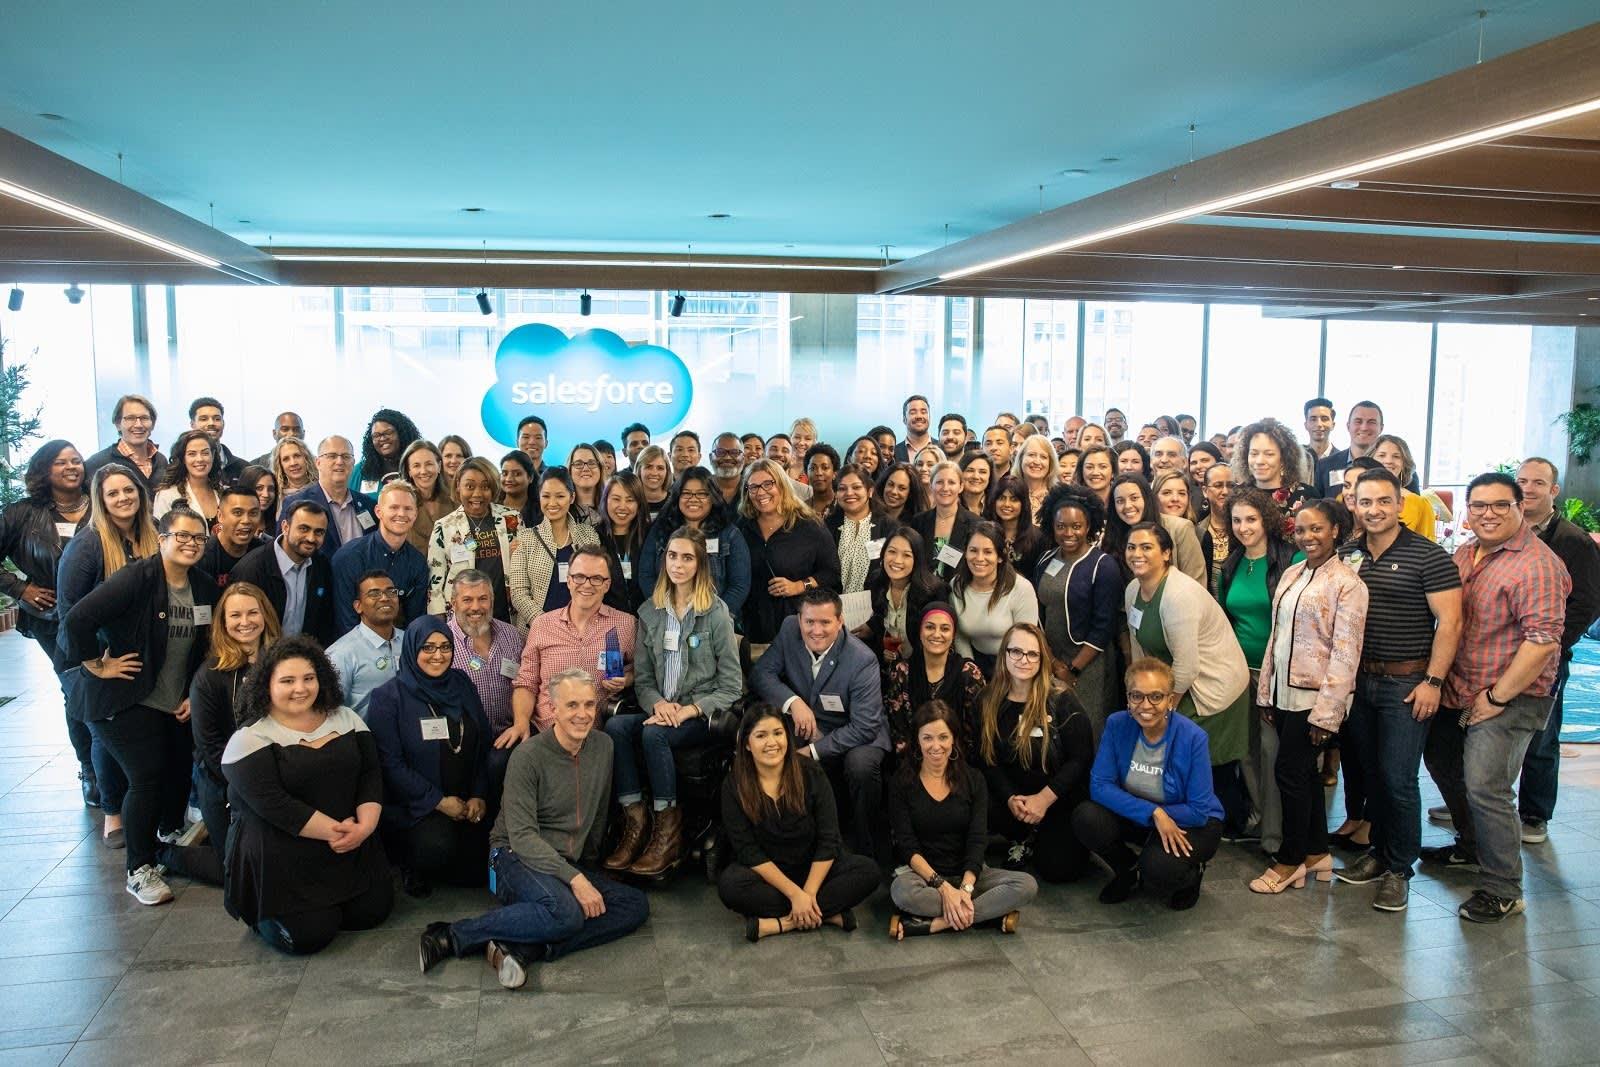 Fotografía de los líderes del Grupo Ohana Global y patrocinadores ejecutivos en la sede de la Cumbre Ohana inaugural de 2018